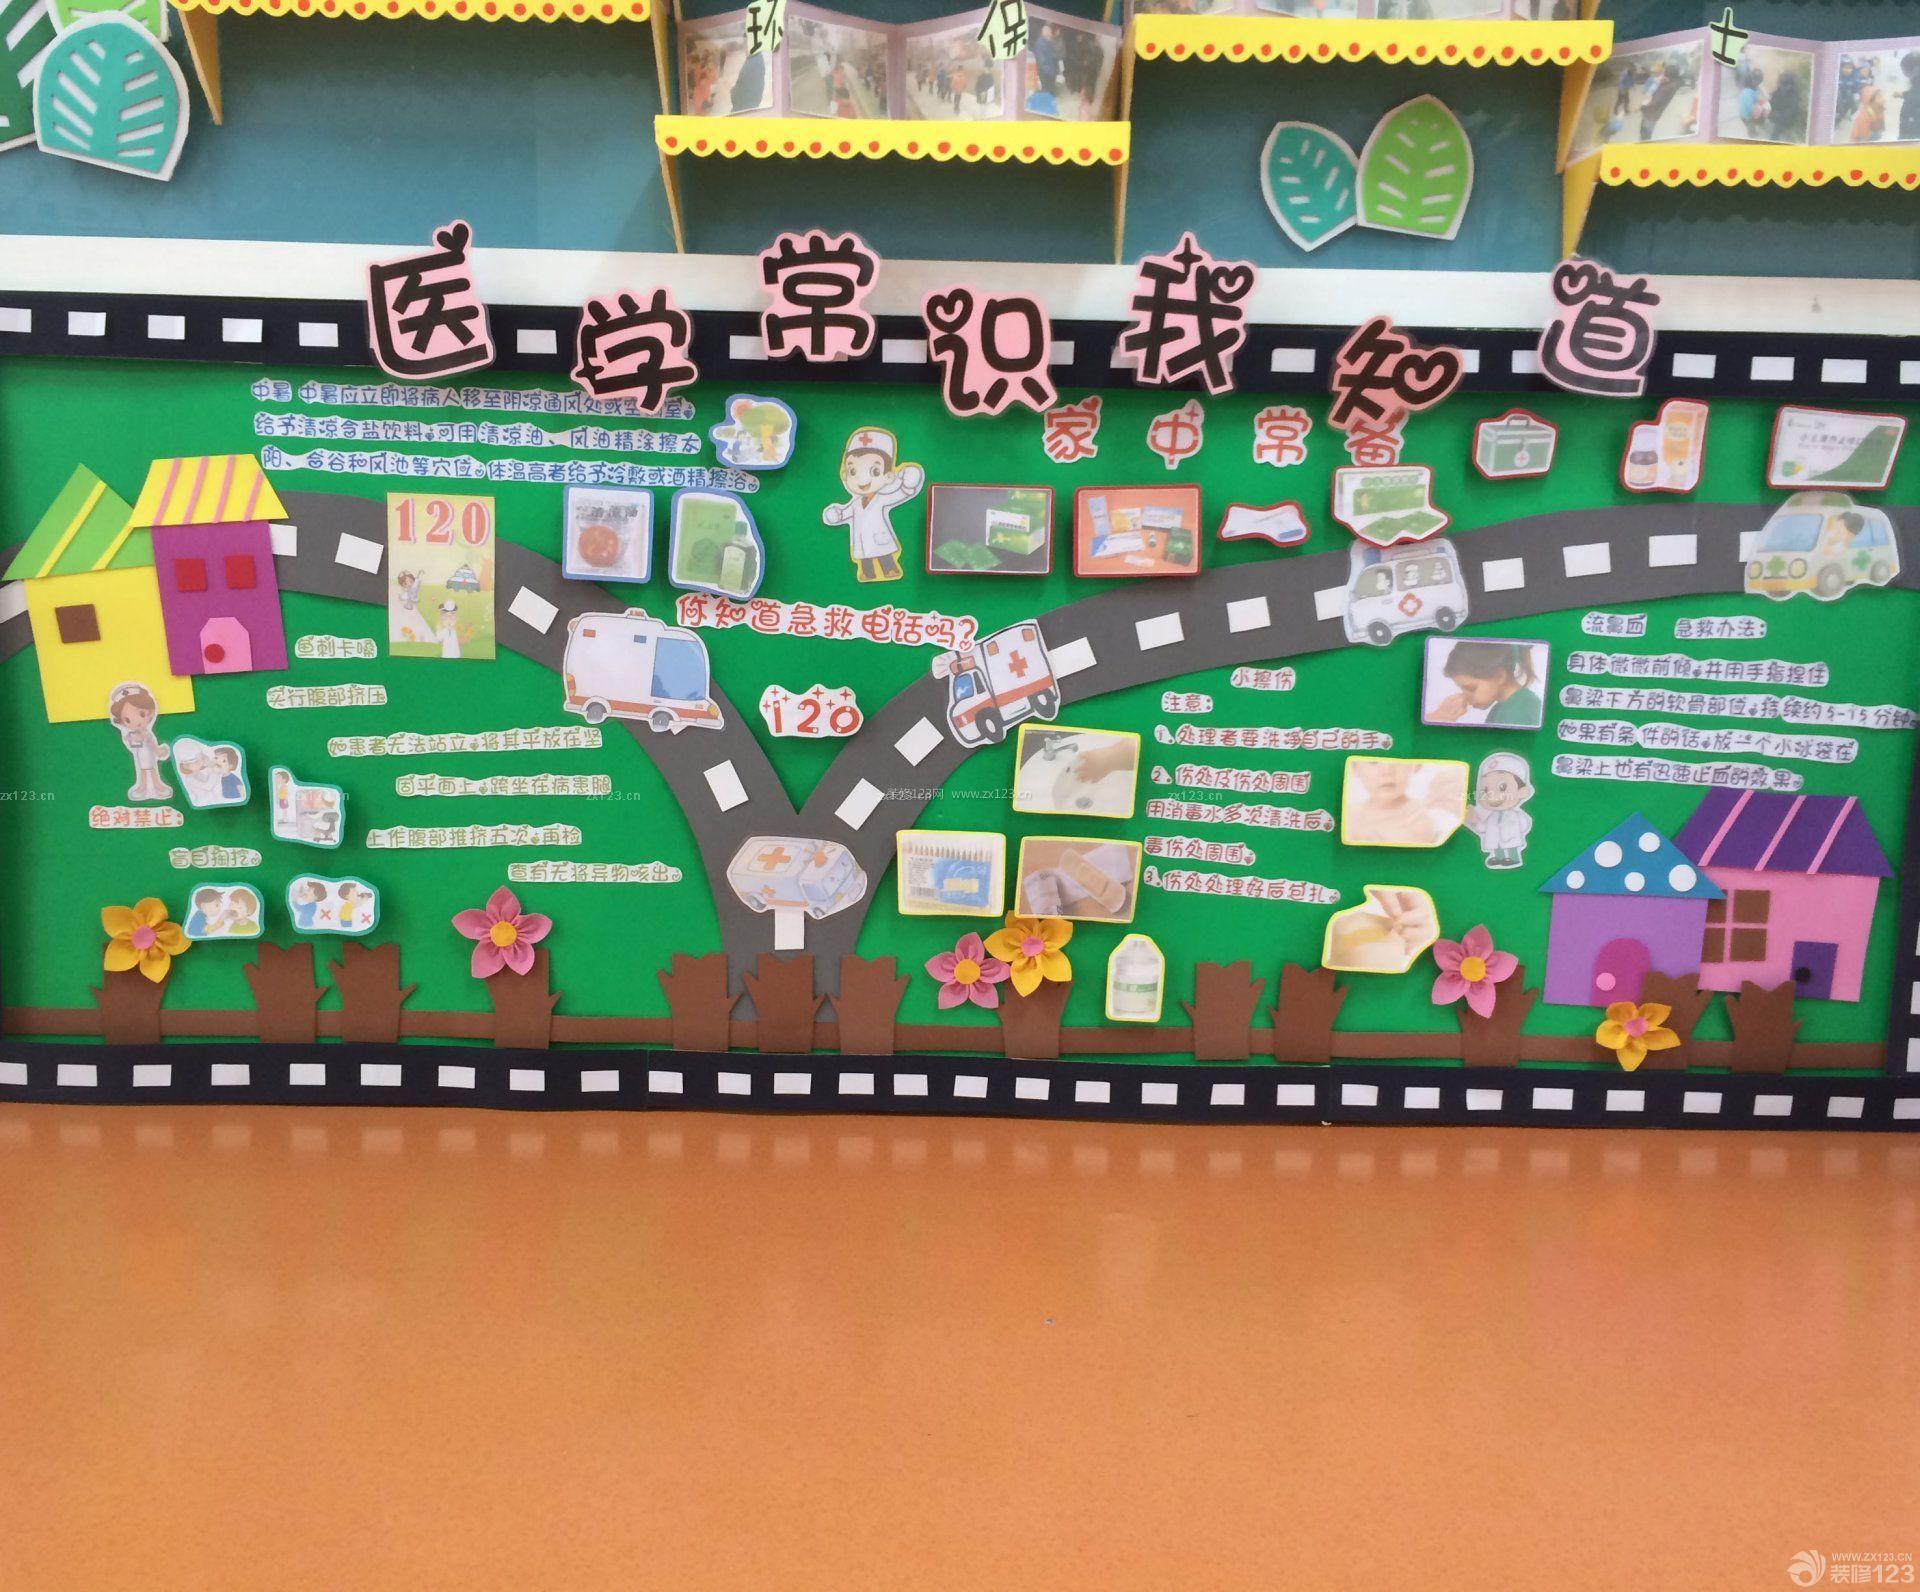 幼儿园过道墙面布置效果图片大全